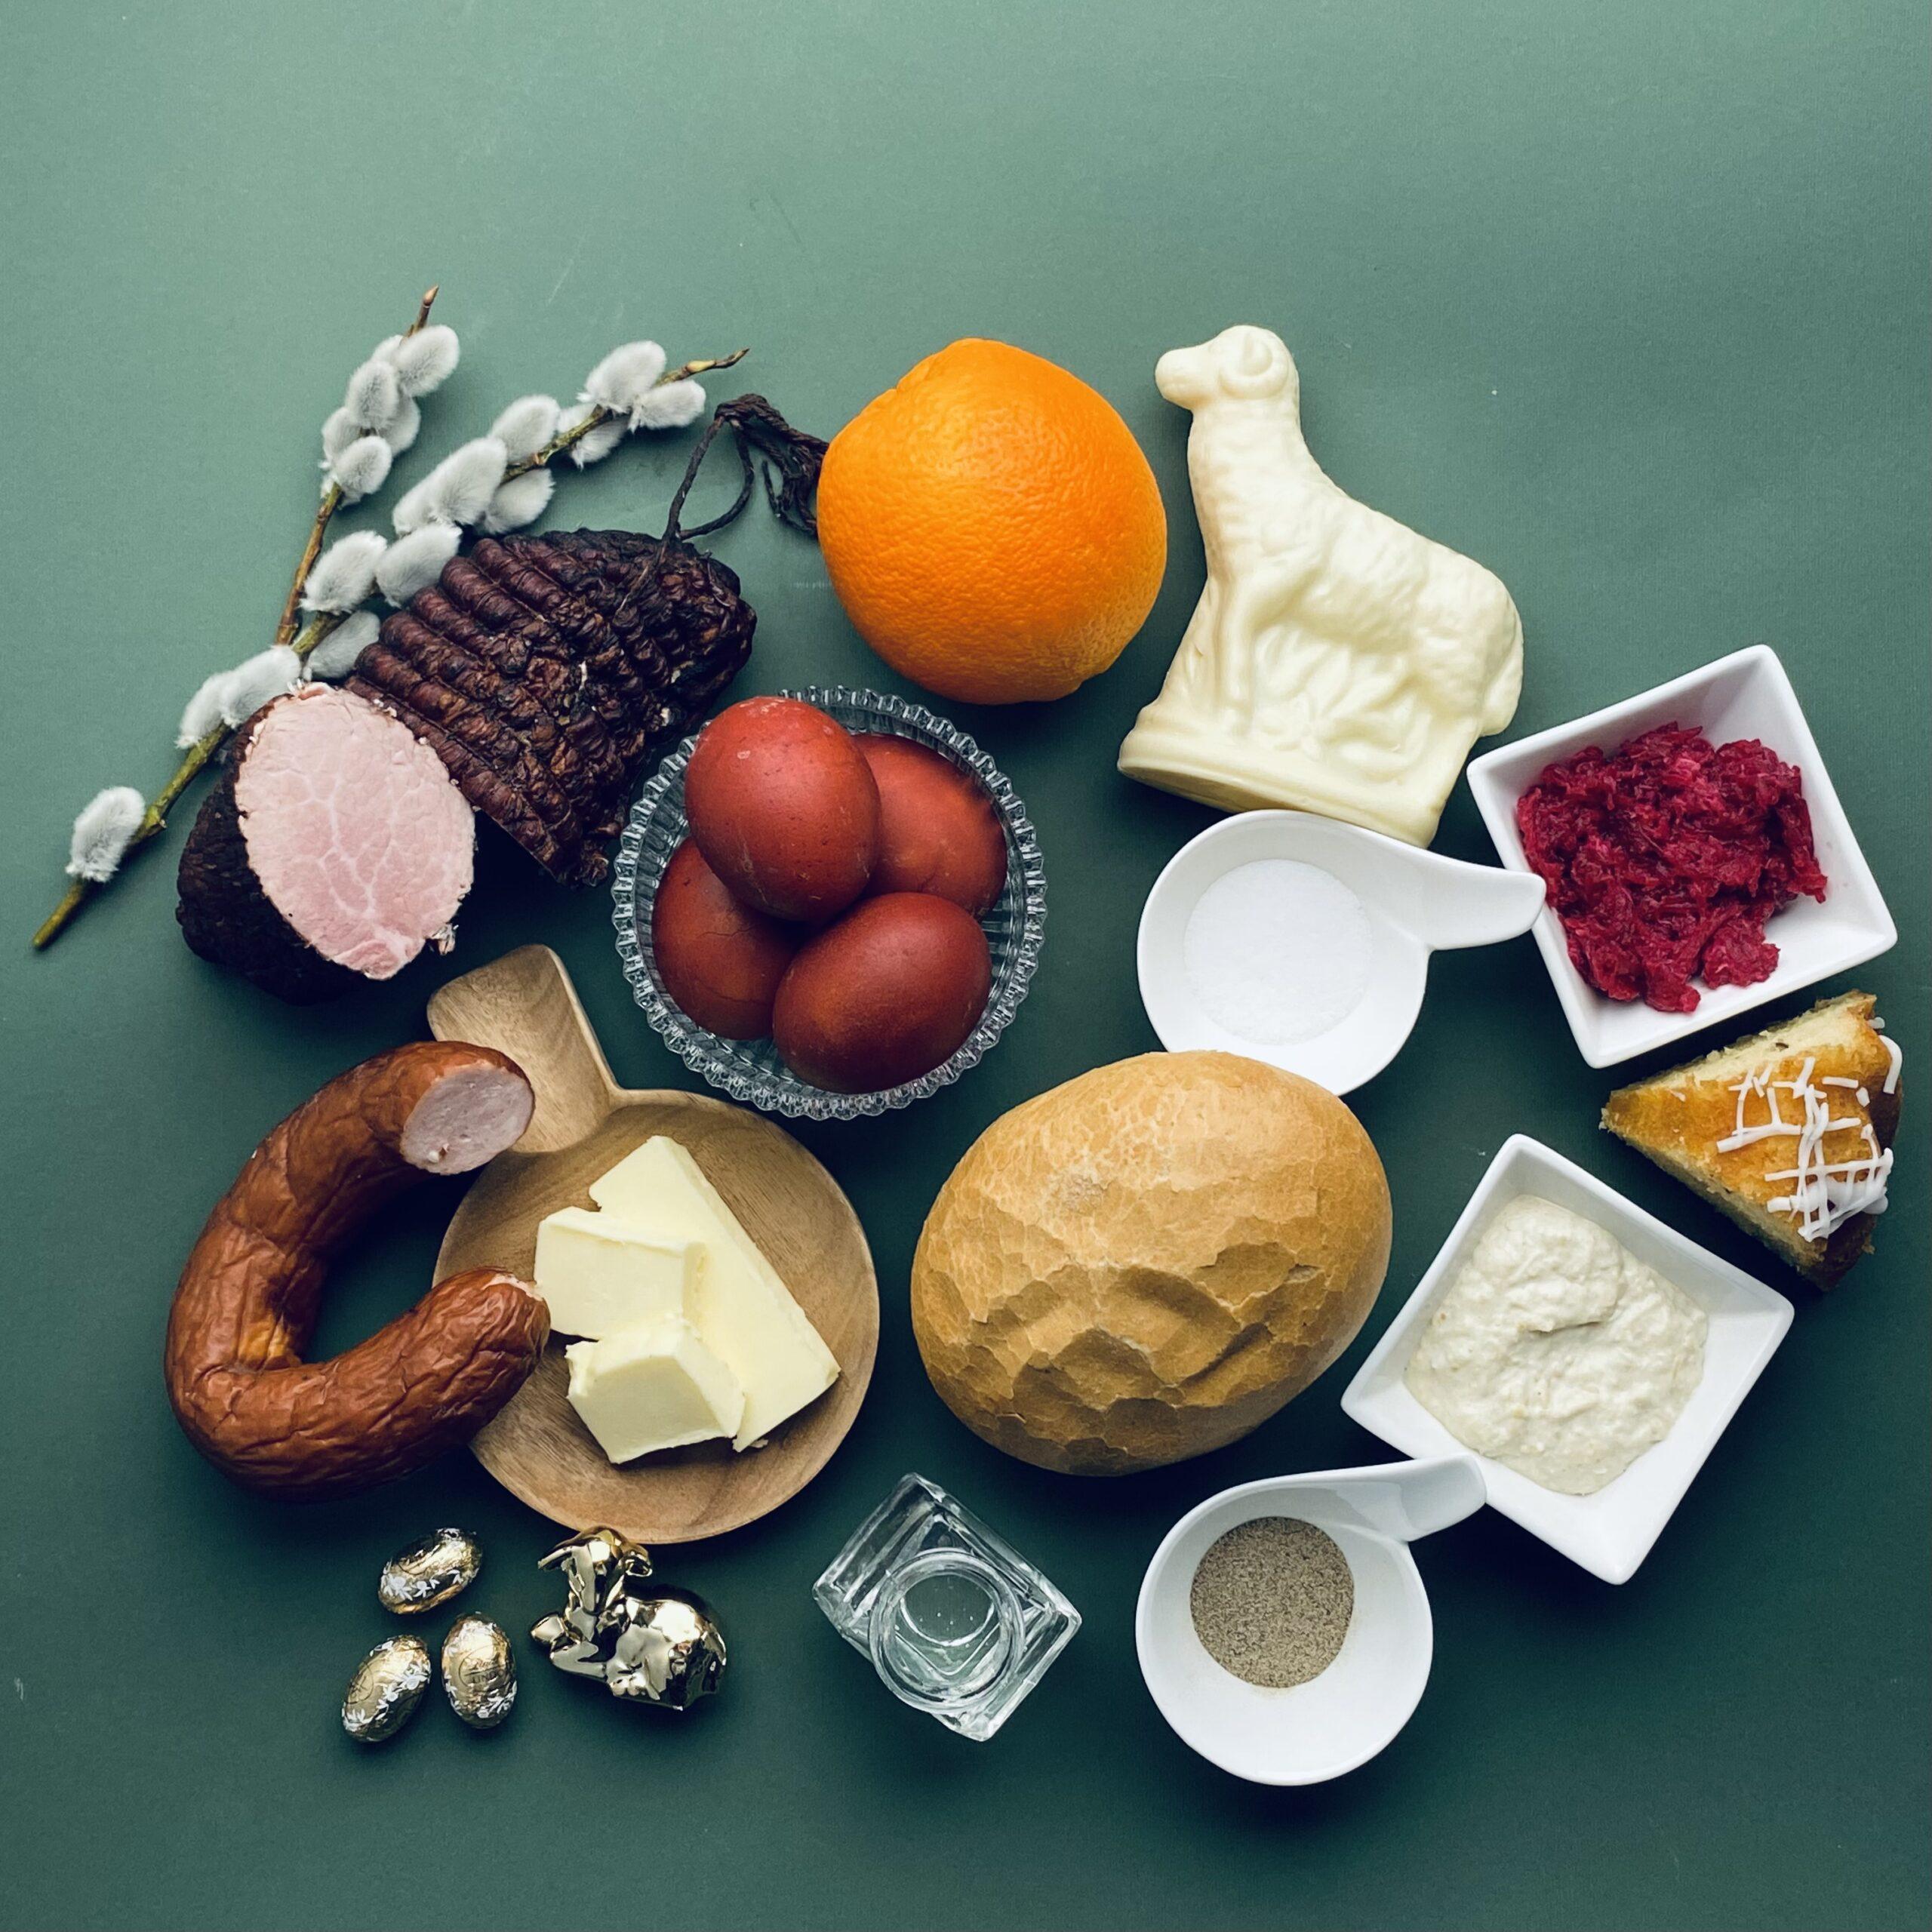 catering na Wielkanoc, catering z dostawą, święconka wielkanocna, święconka, koszyk wielkonocny, jedzenie na Wielkanoc, wielkanoc z dostawą, catering kraków